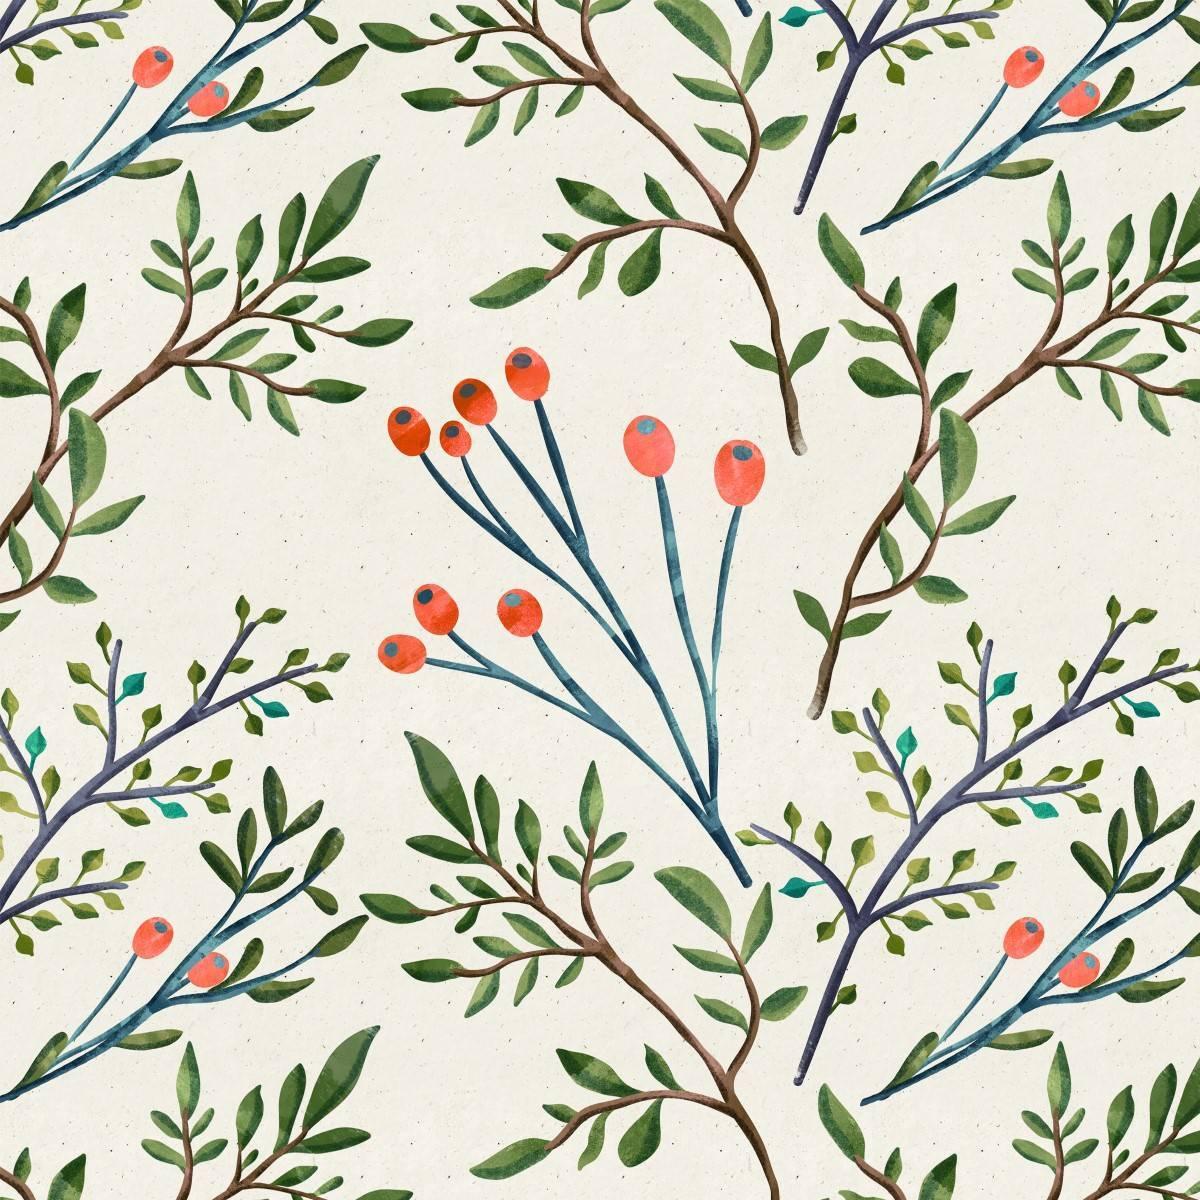 Papel de Parede Floral Ramos Aquarela | Adesivo Vinílico imagem 1